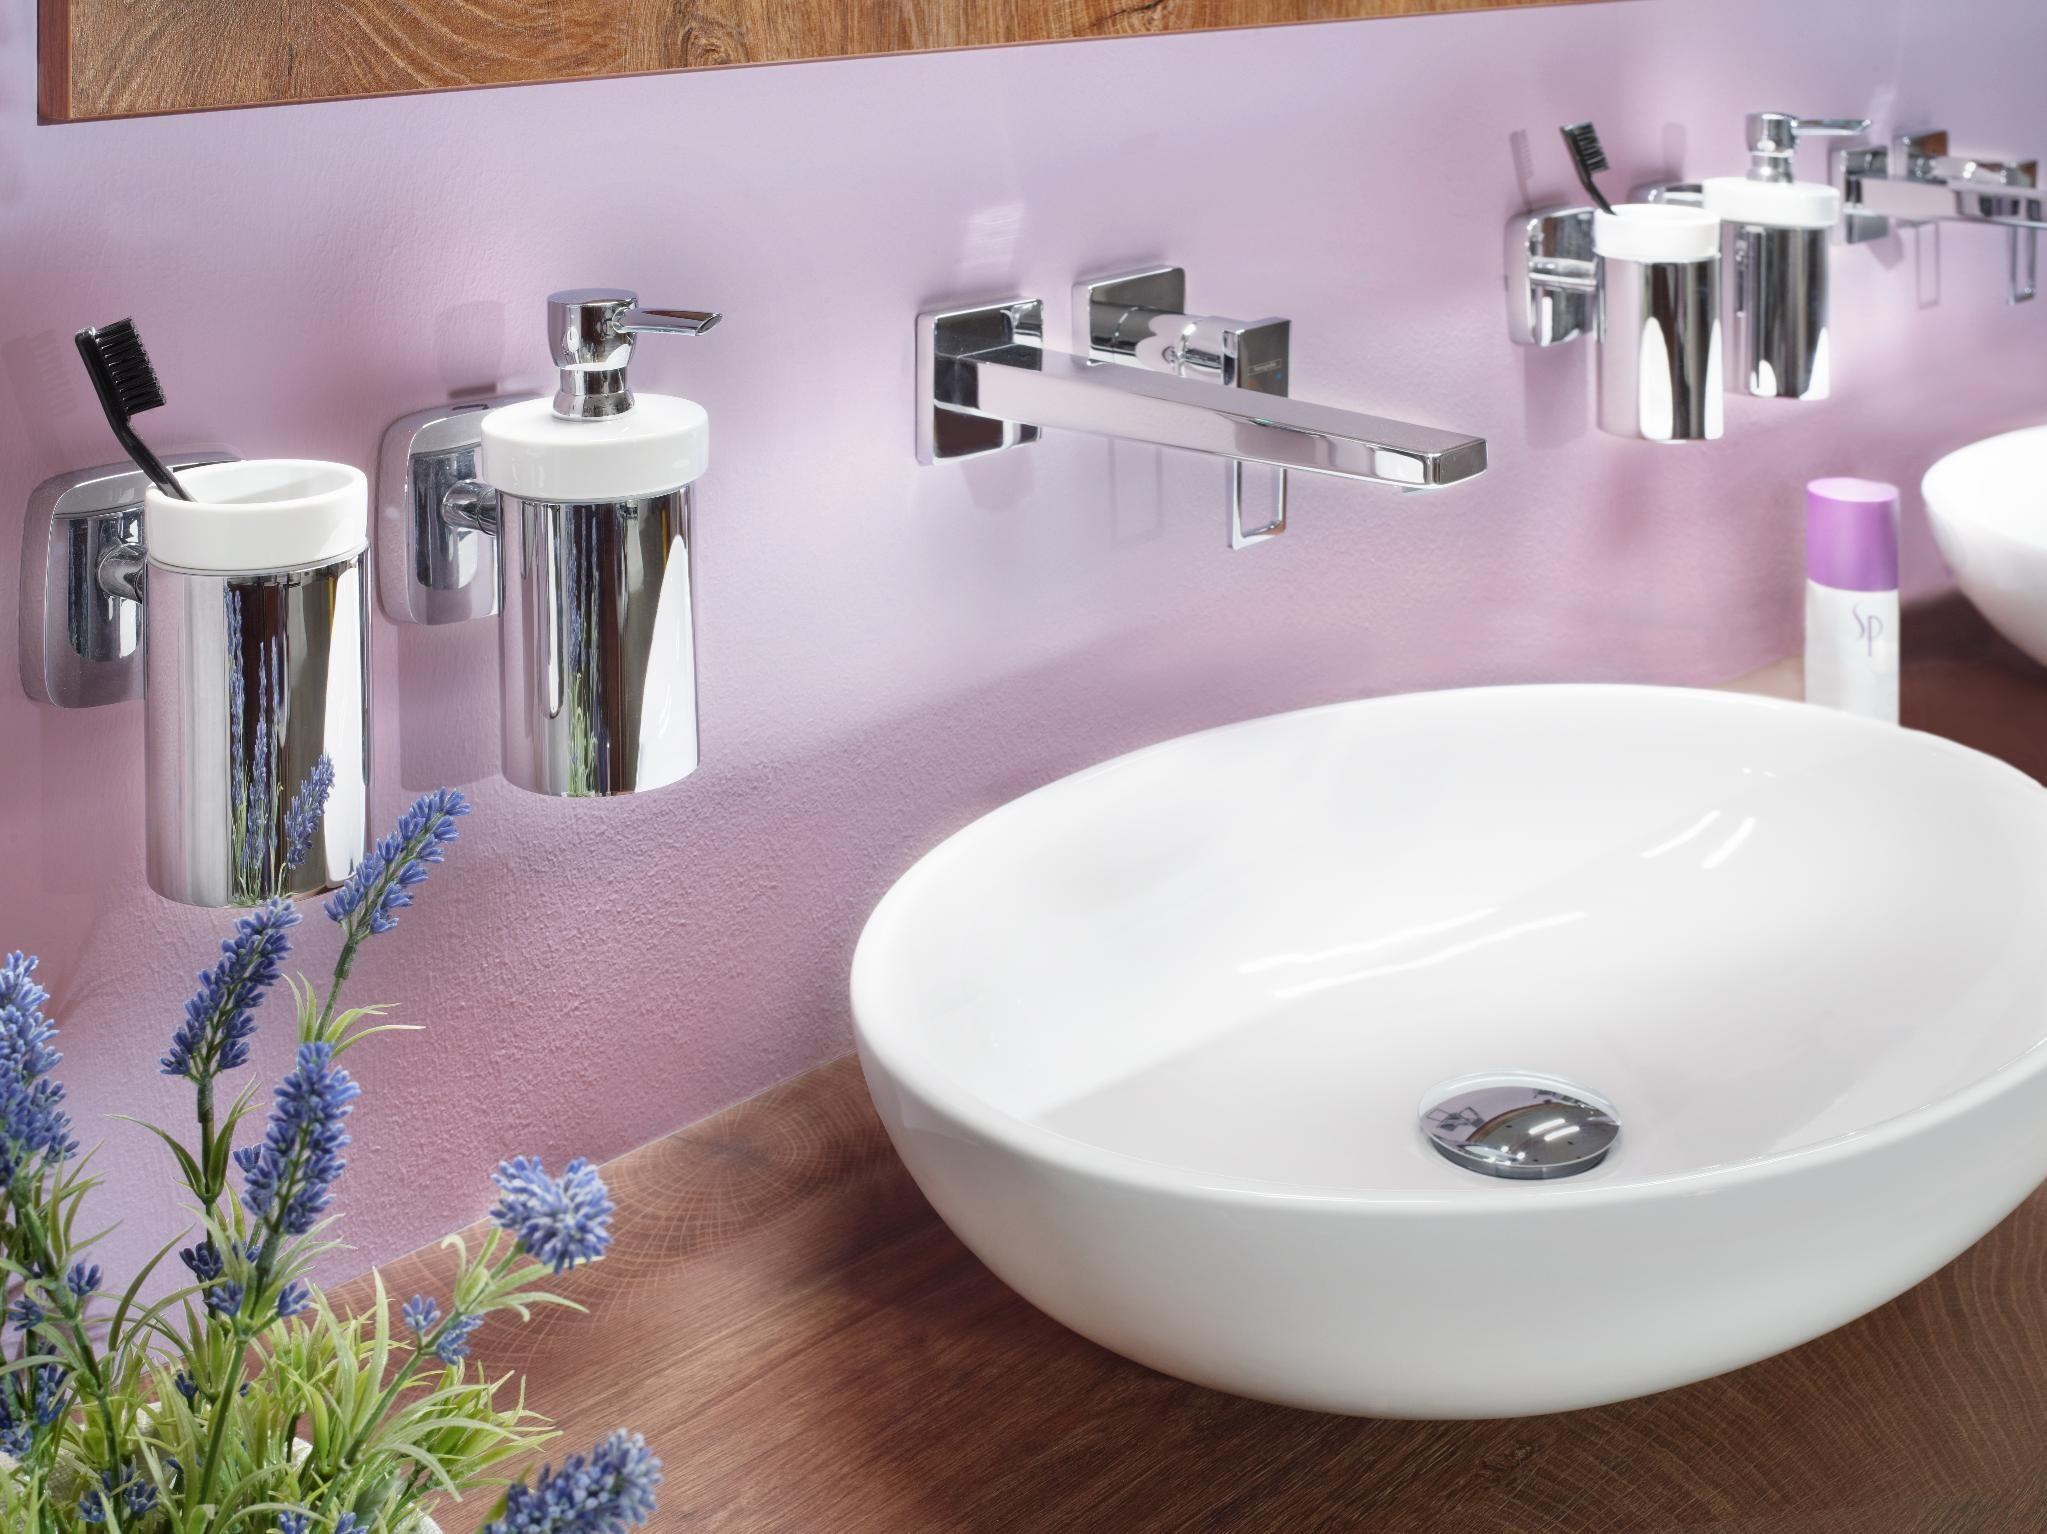 36 bathroom decor hansgrohe ideas in